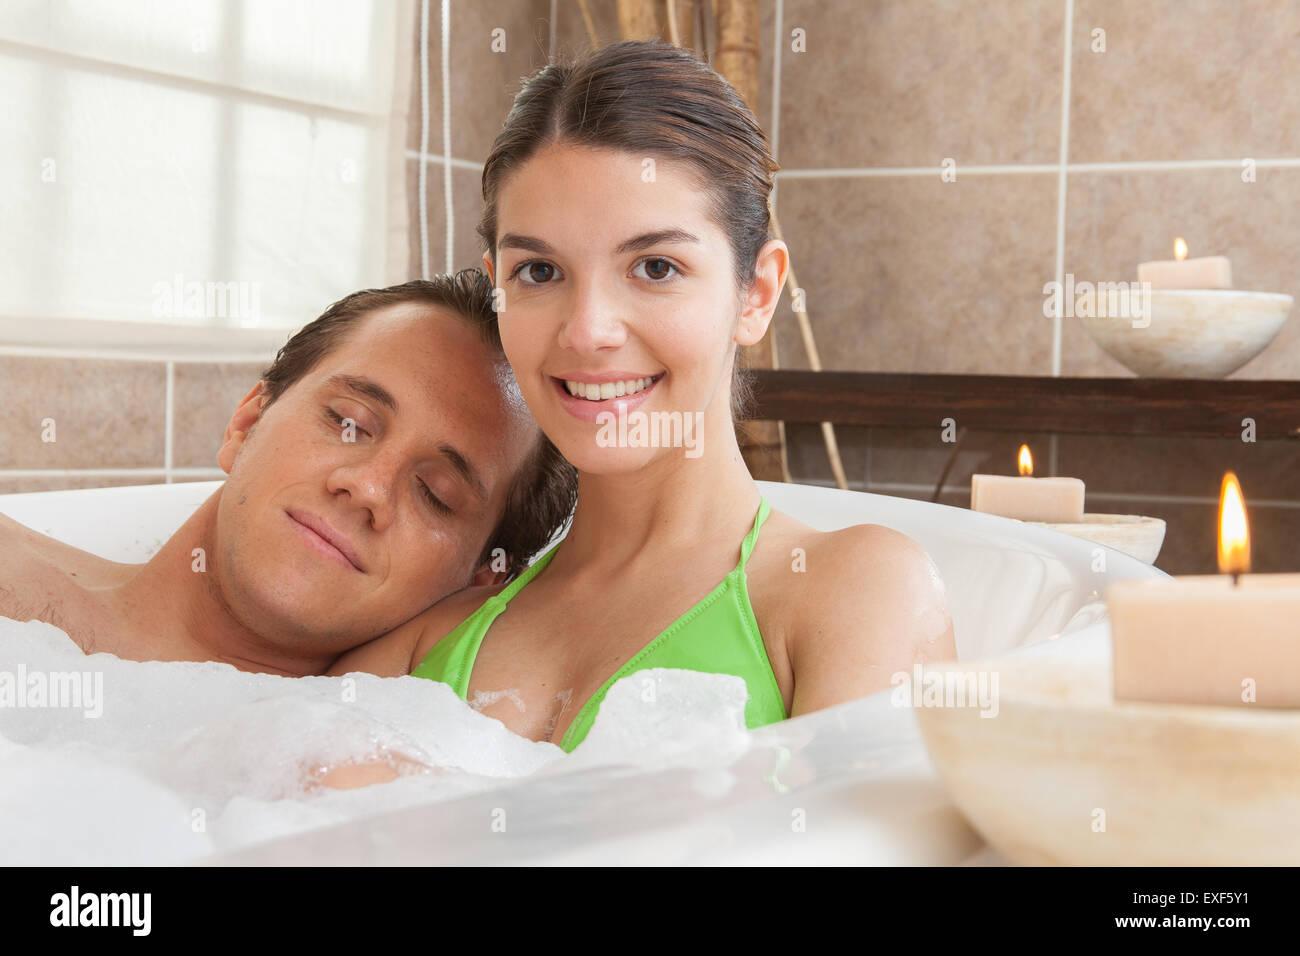 Amore In Vasca Da Bagno.Matura In Amore Godendo Di Una Vasca Da Bagno Foto Immagine Stock